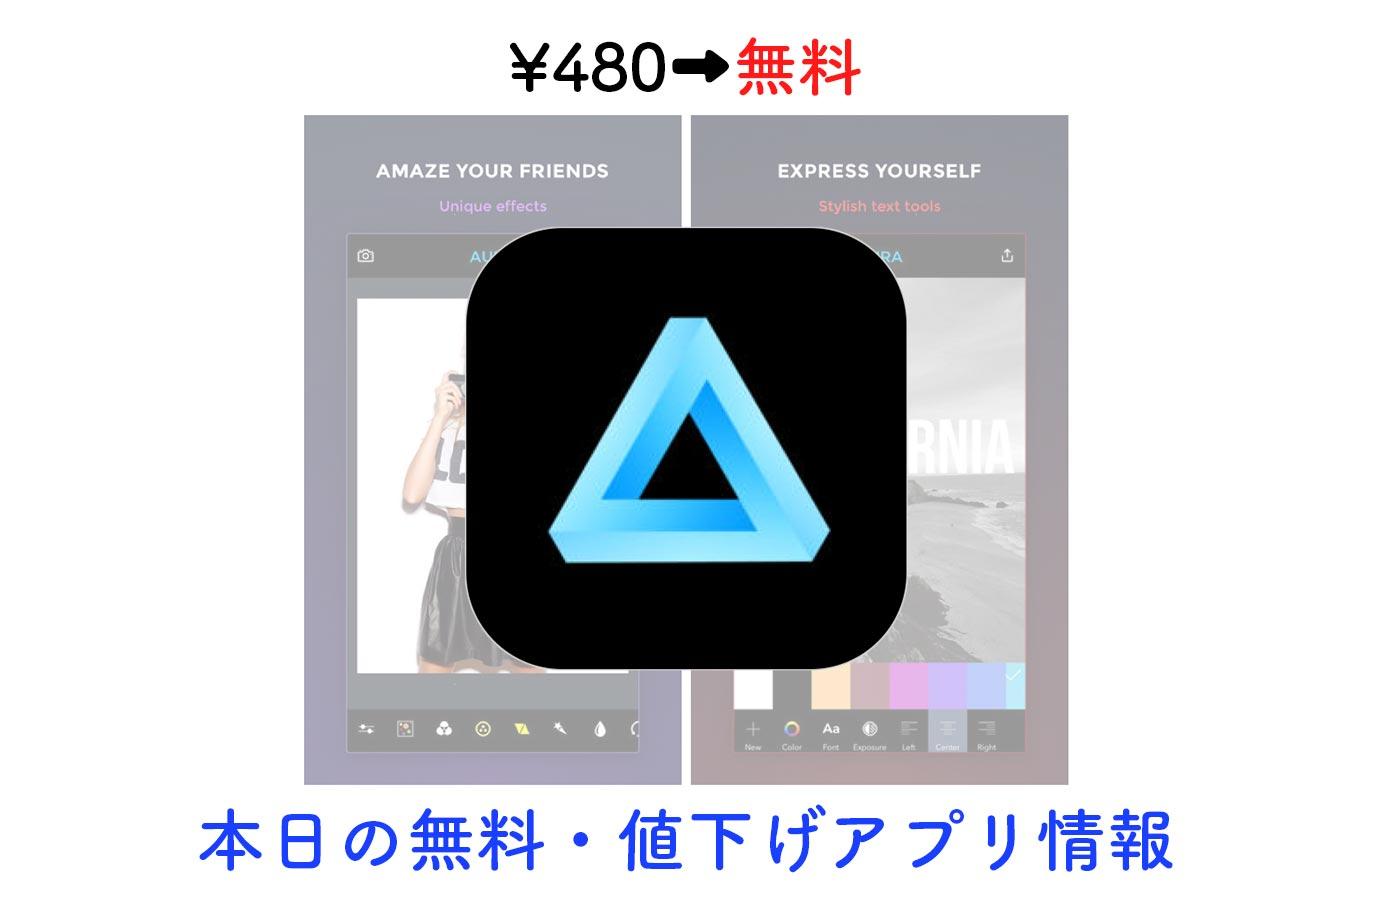 ¥480→無料、高品質なフィルタやエフェクトも搭載されているアプリ「AURA」など【11/17】本日の無料・値下げアプリ情報